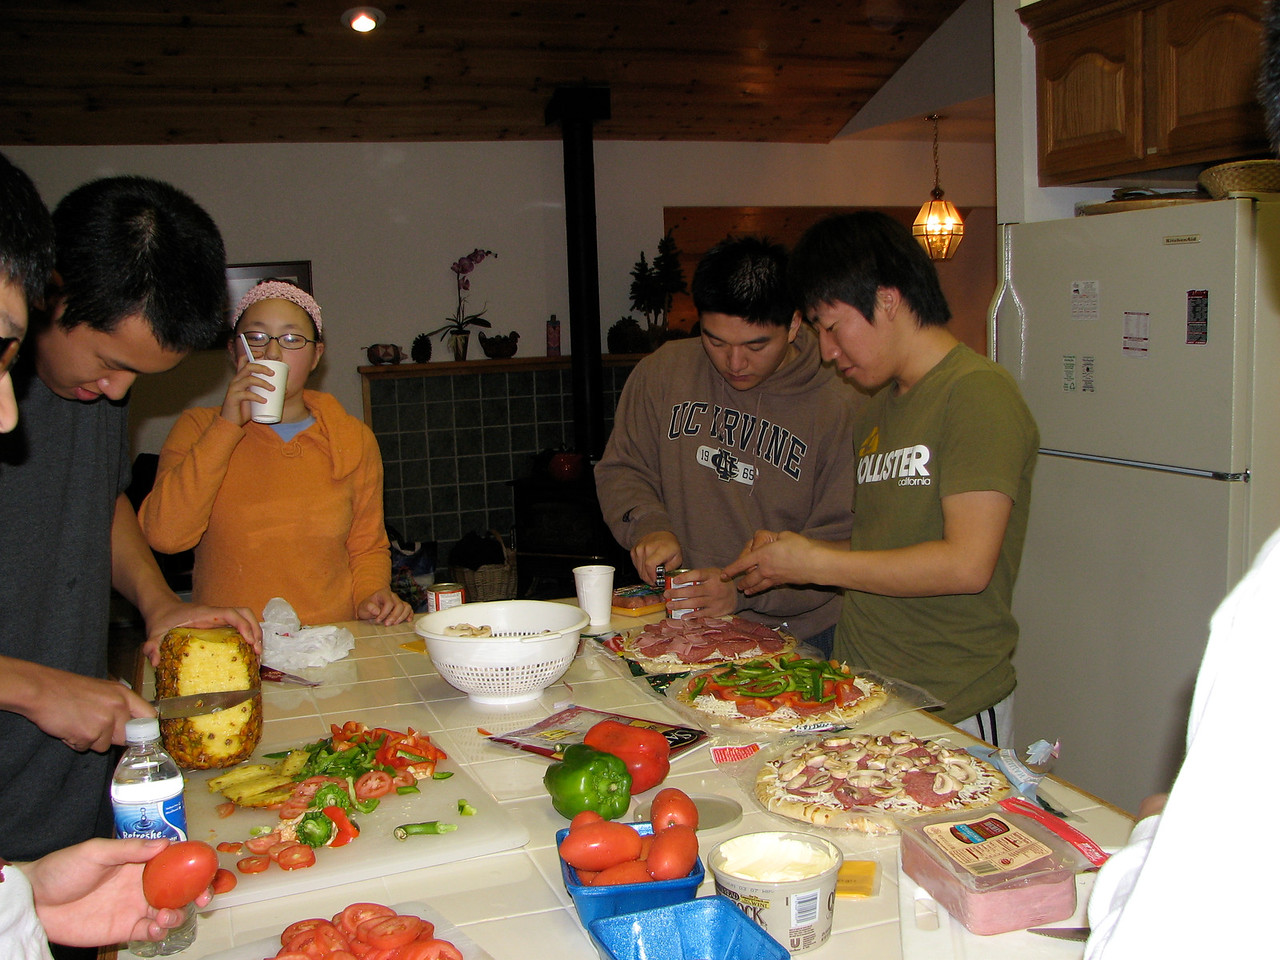 2006 12 21 Thu - Doug Kang, Angela Hsu, Dan Tung, & Junghan Kim preparing pizzas